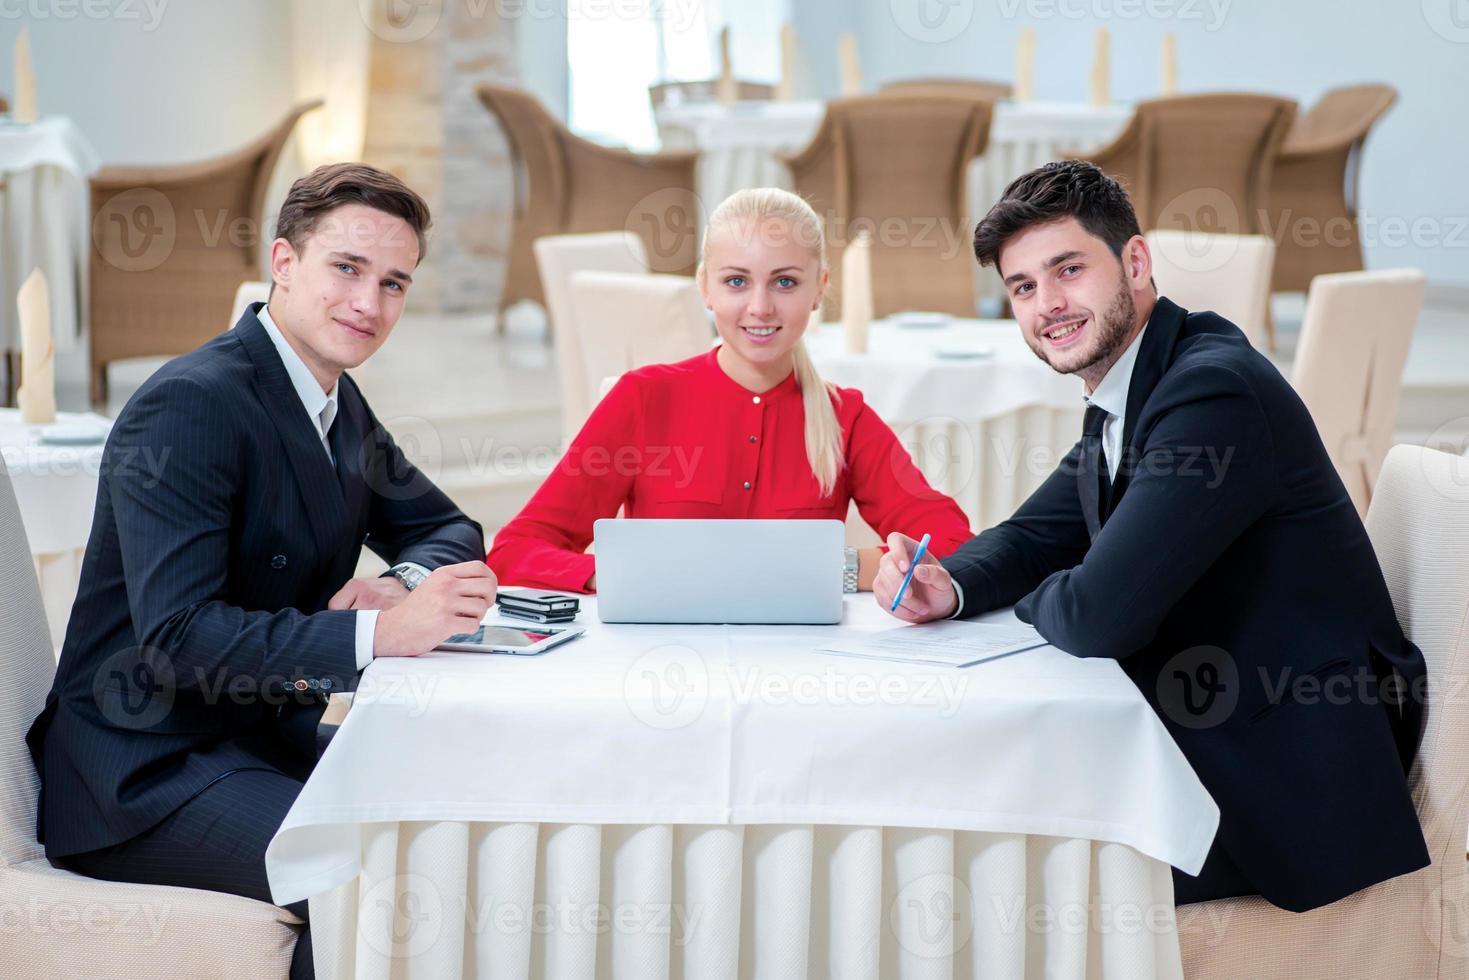 équipe réussie de trois homme d'affaires prospère, discutant du travail photo